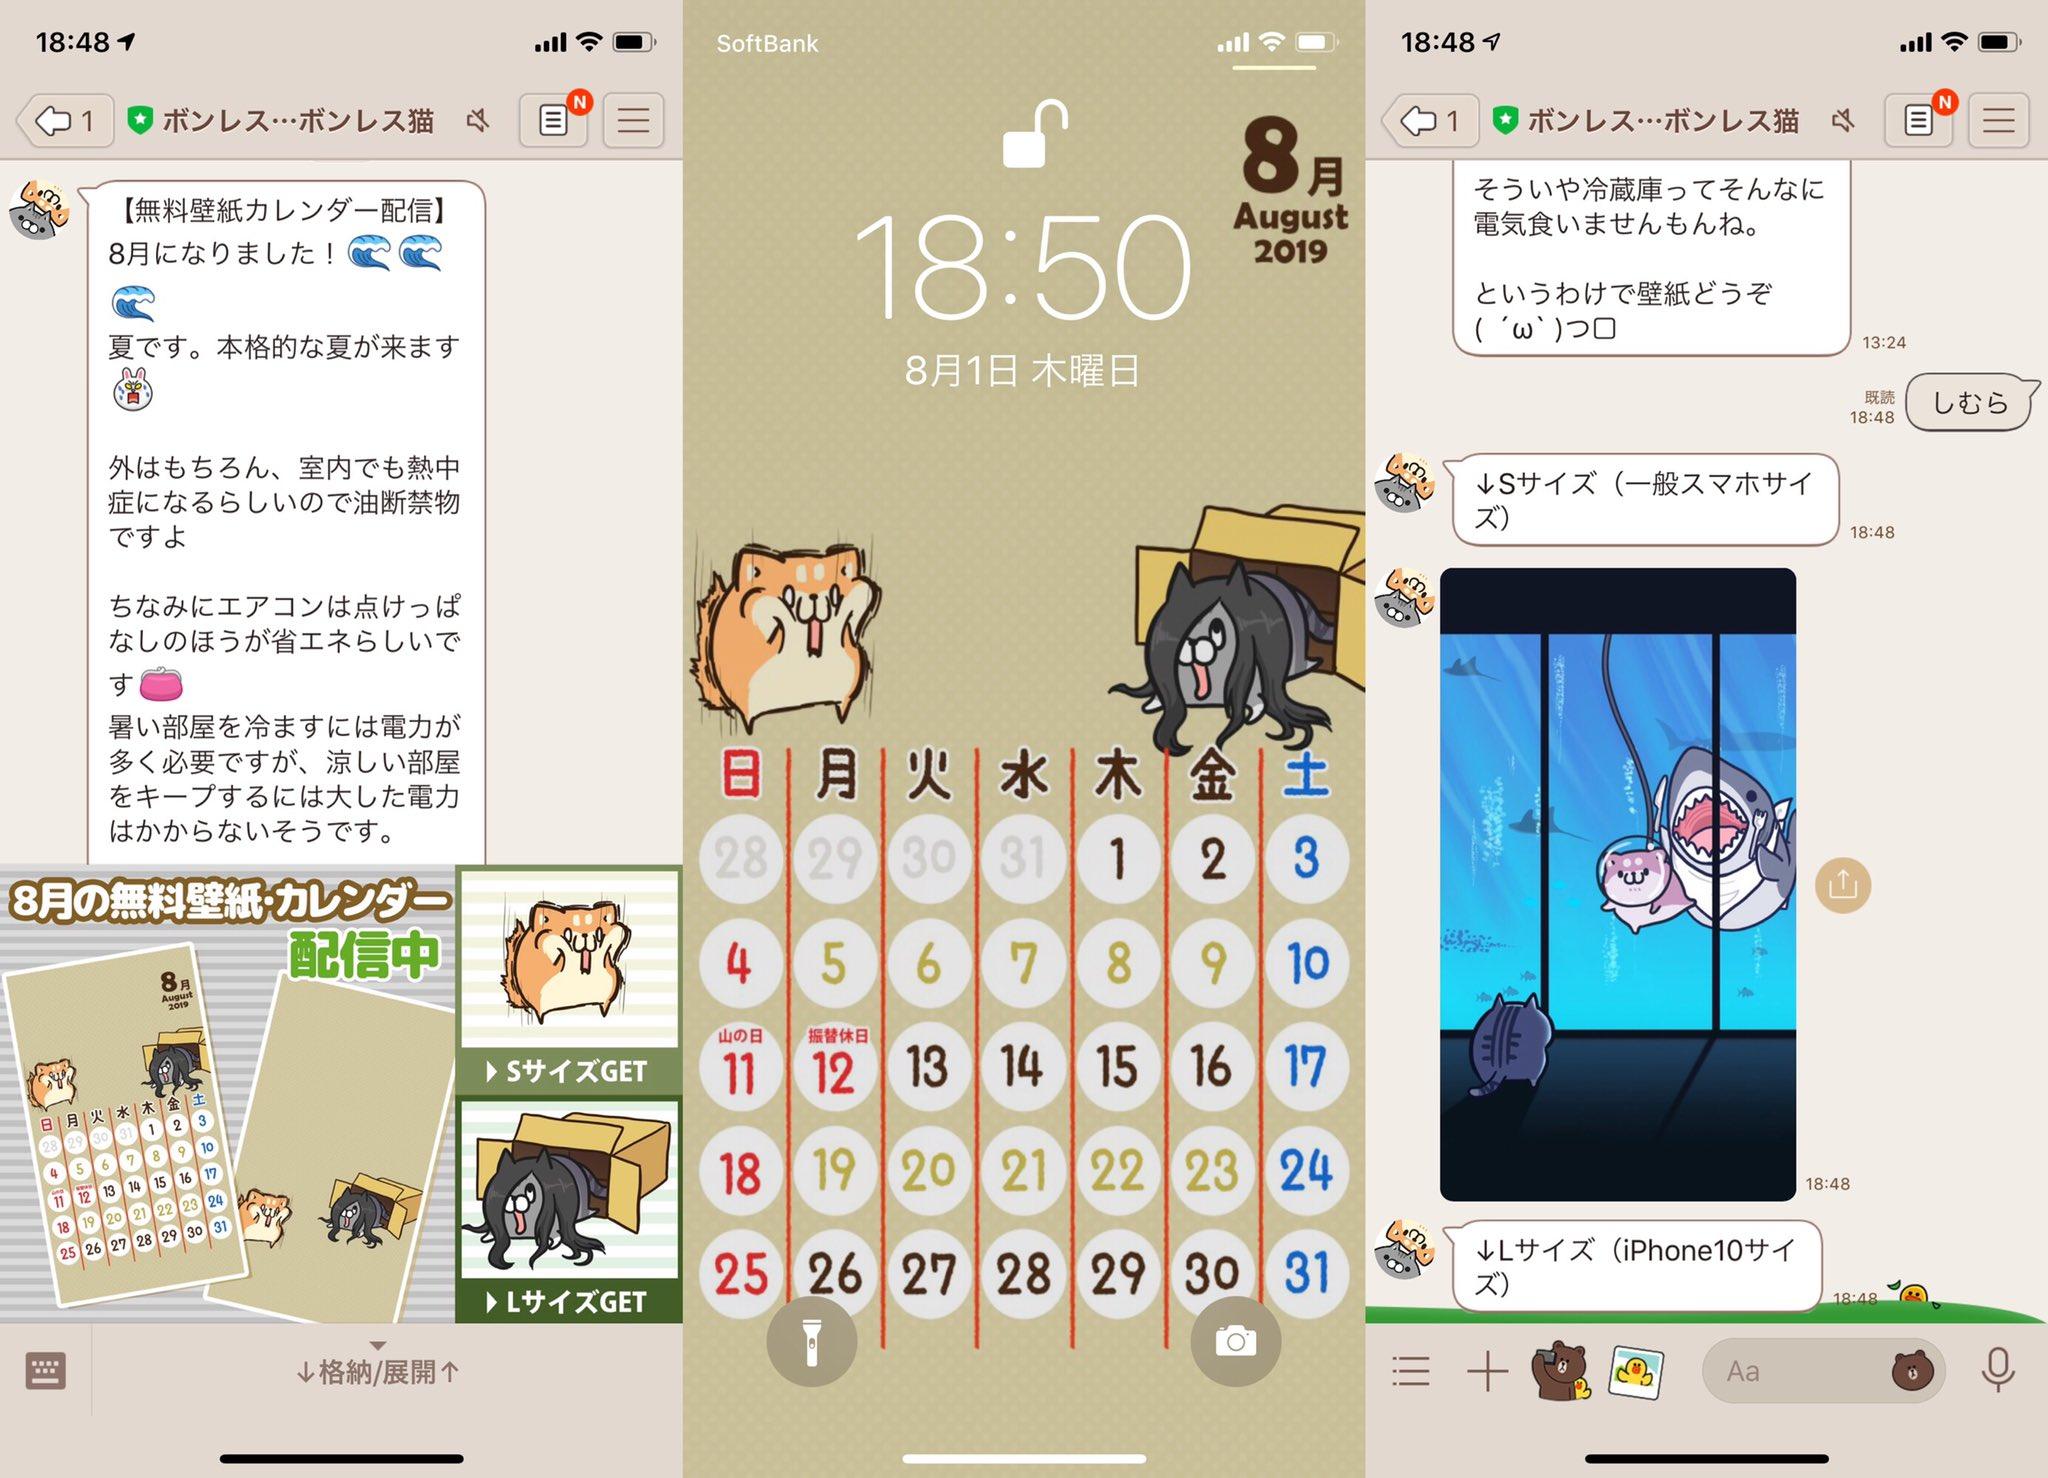 ボンレス犬&ボンレス猫のカレンダーをiPhone Xにセット🐶🐱 https://t.co/8q3raZv4wN